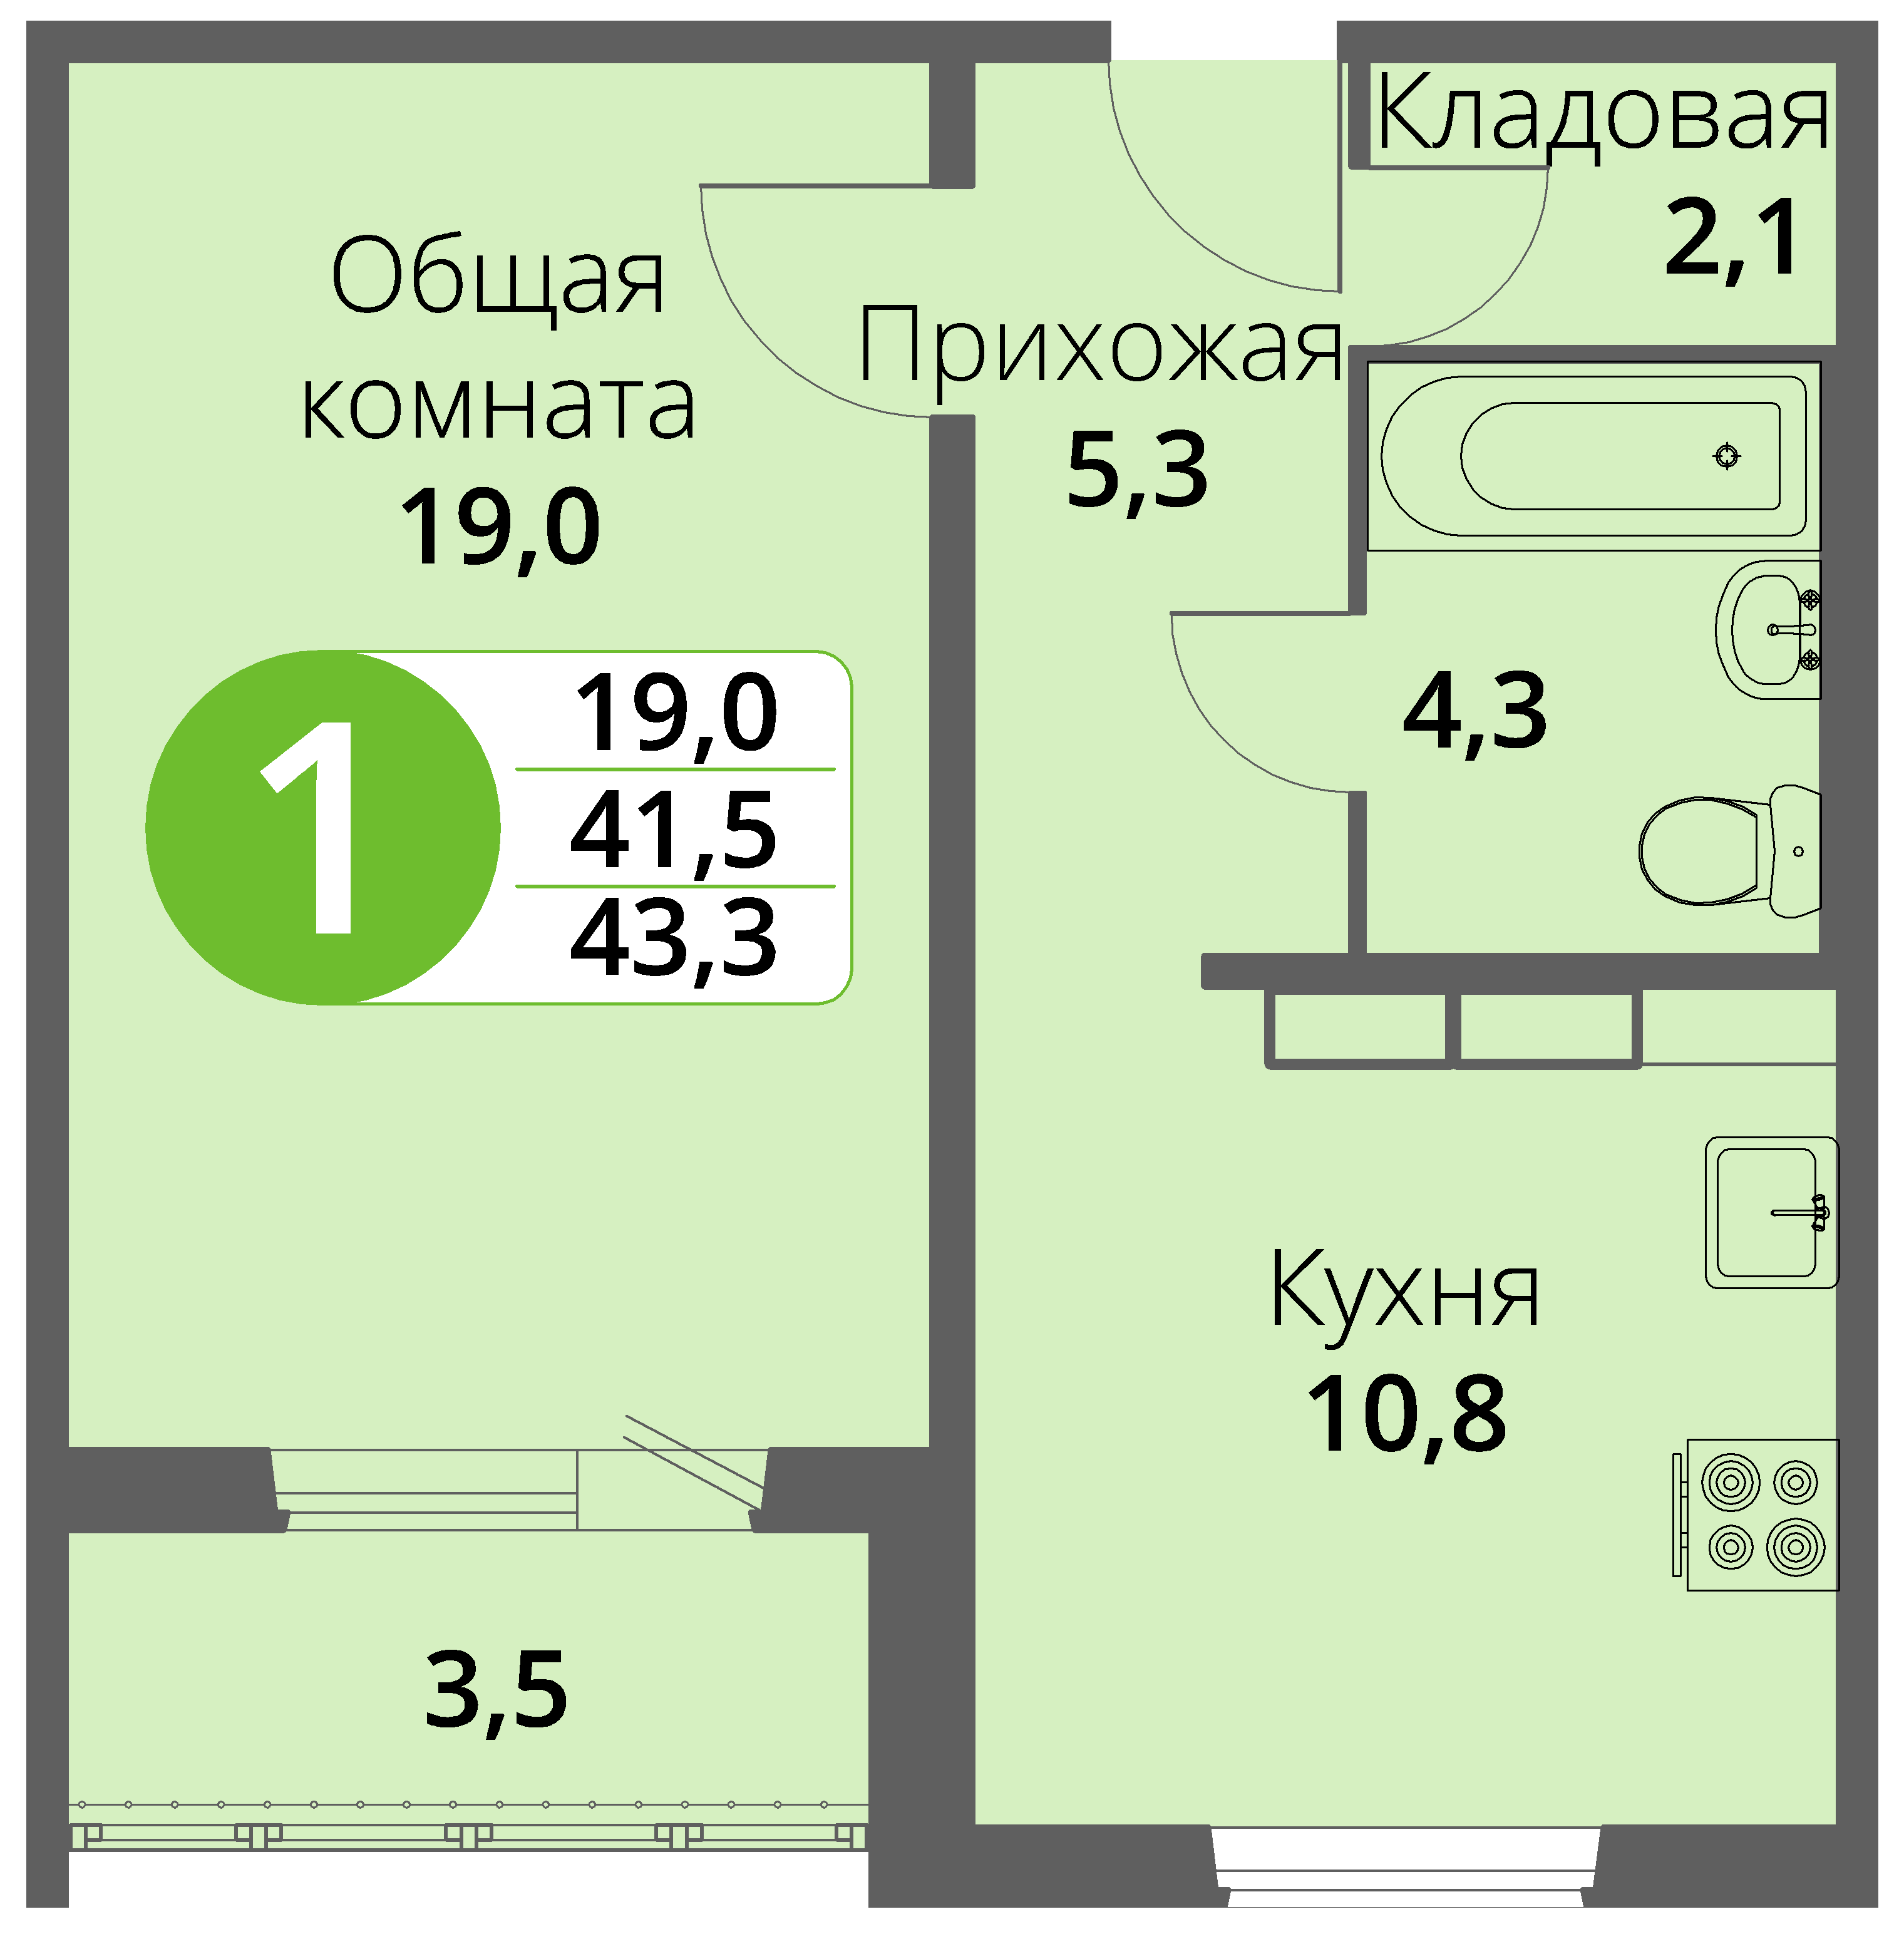 Зареченская 1-2, квартира 59 - Однокомнатная